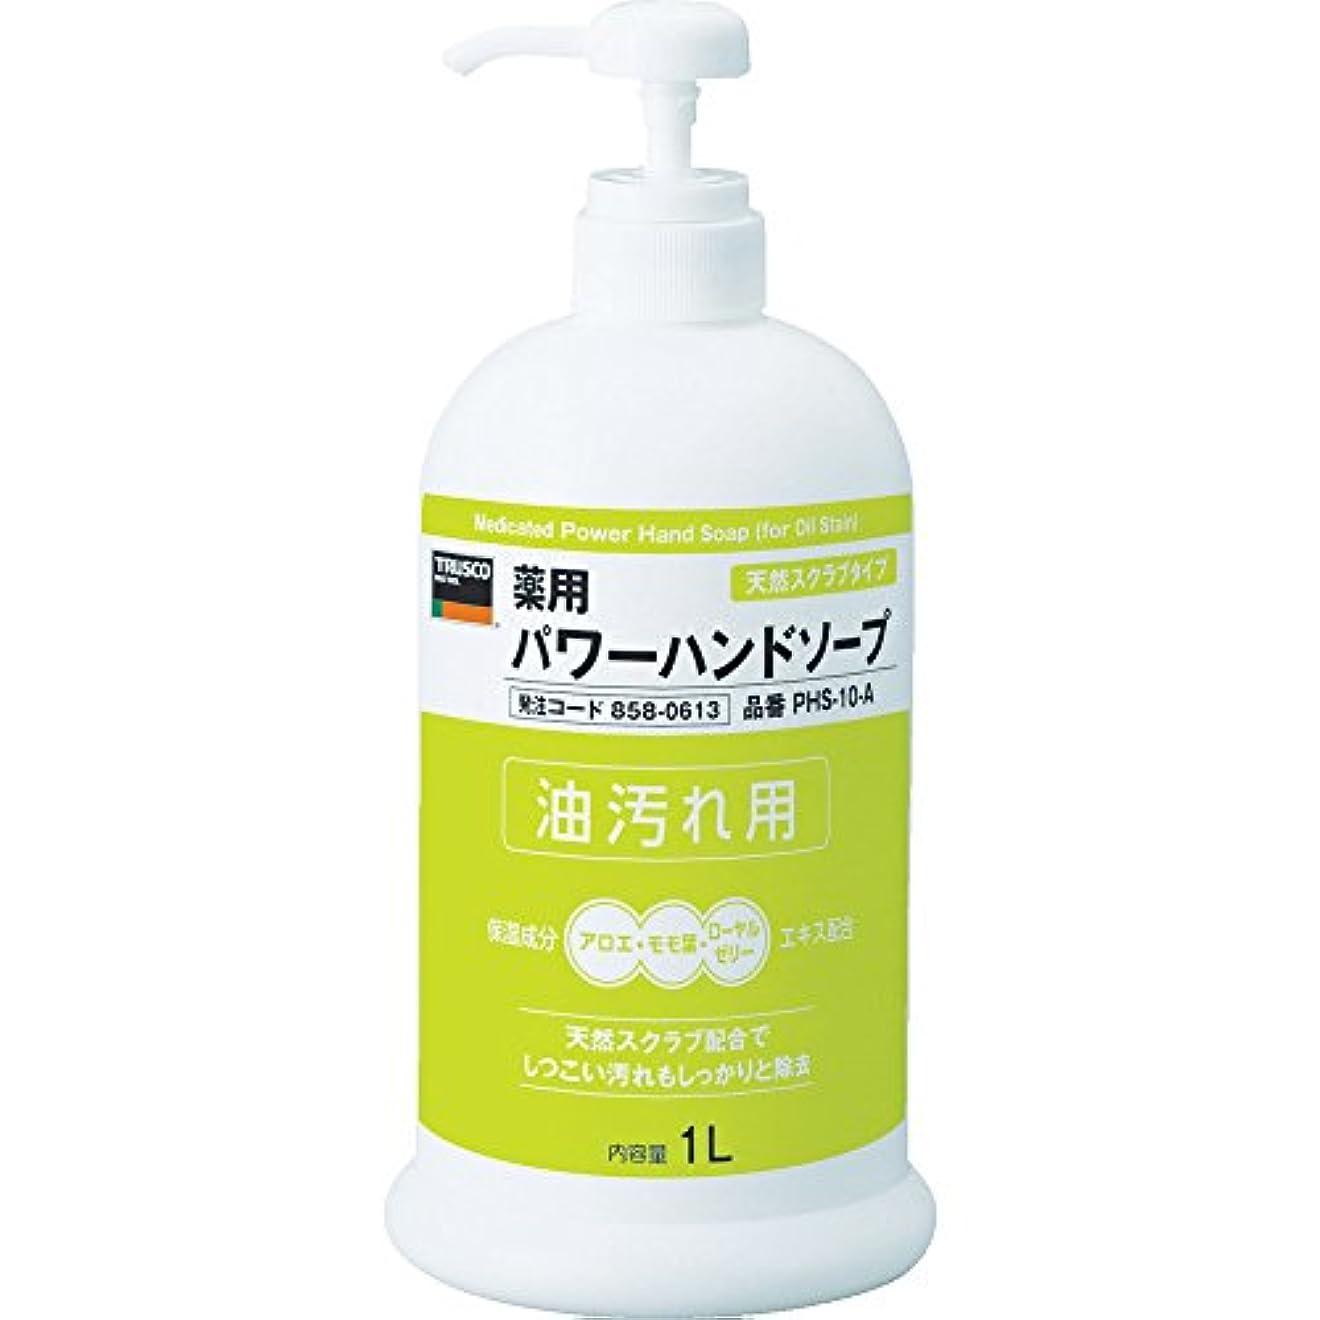 失摂氏度悩むTRUSCO(トラスコ) 薬用パワーハンドソープ ポンプボトル 1.0L PHS-10-A